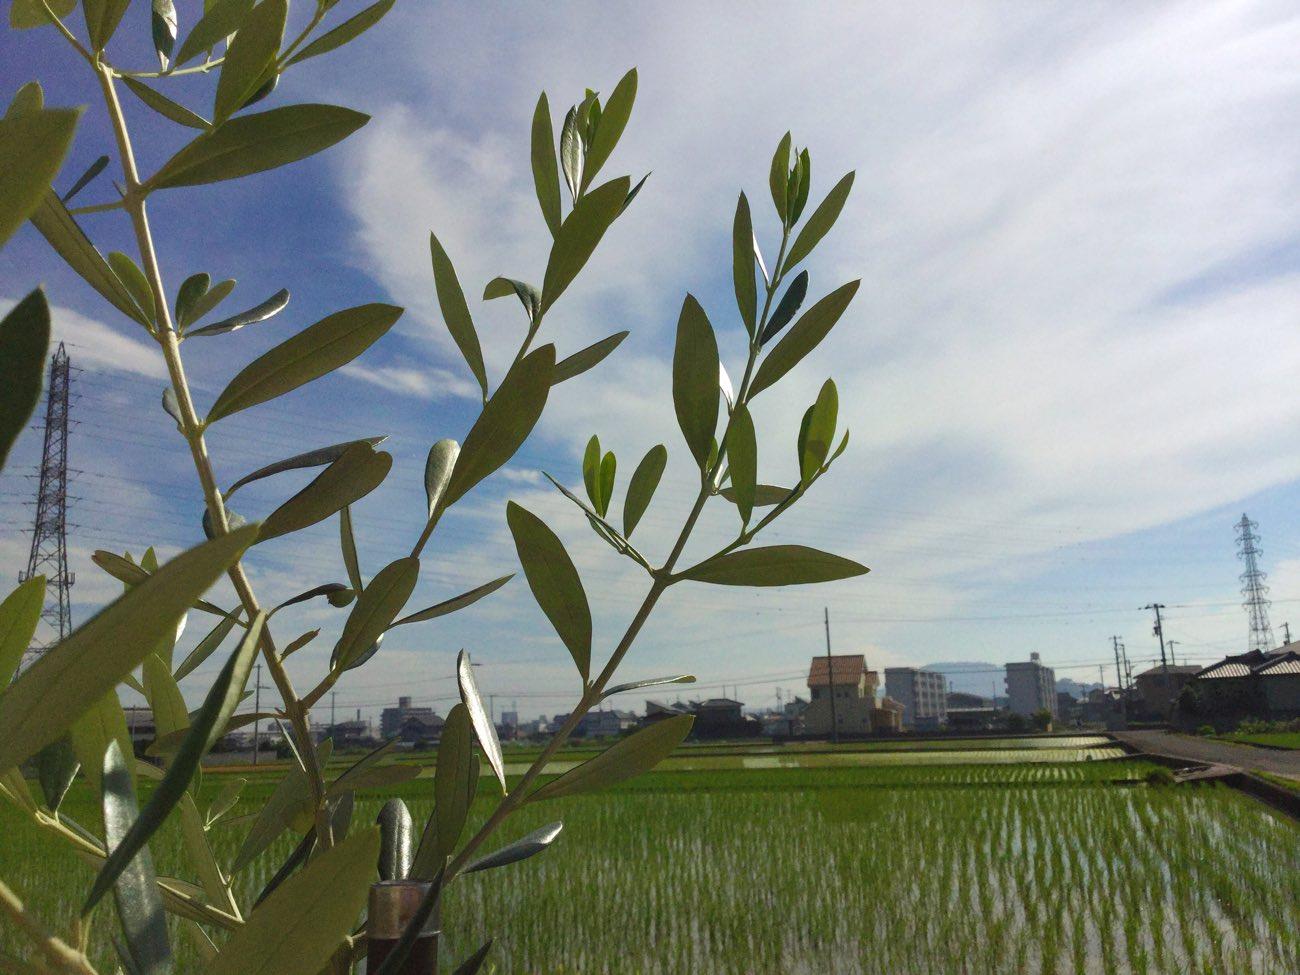 旅ベーグルの庭にあるオリーブの木と空